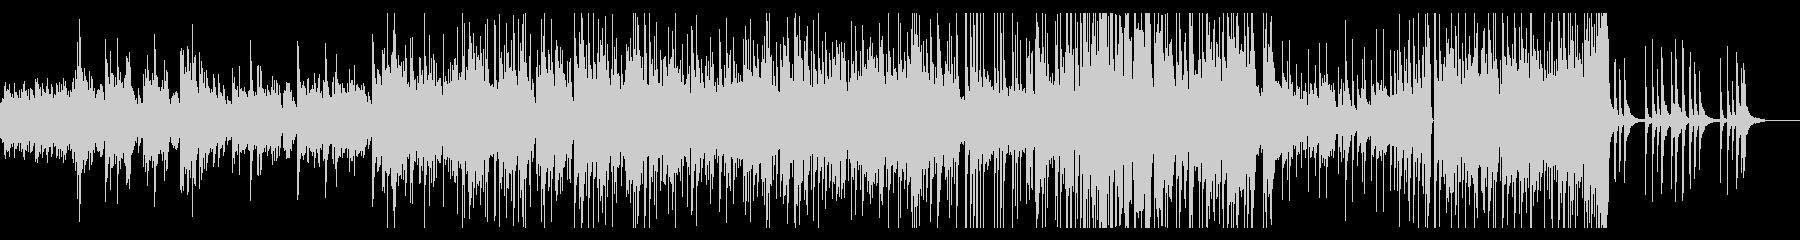 ゆったりアコースティックなピアノインストの未再生の波形